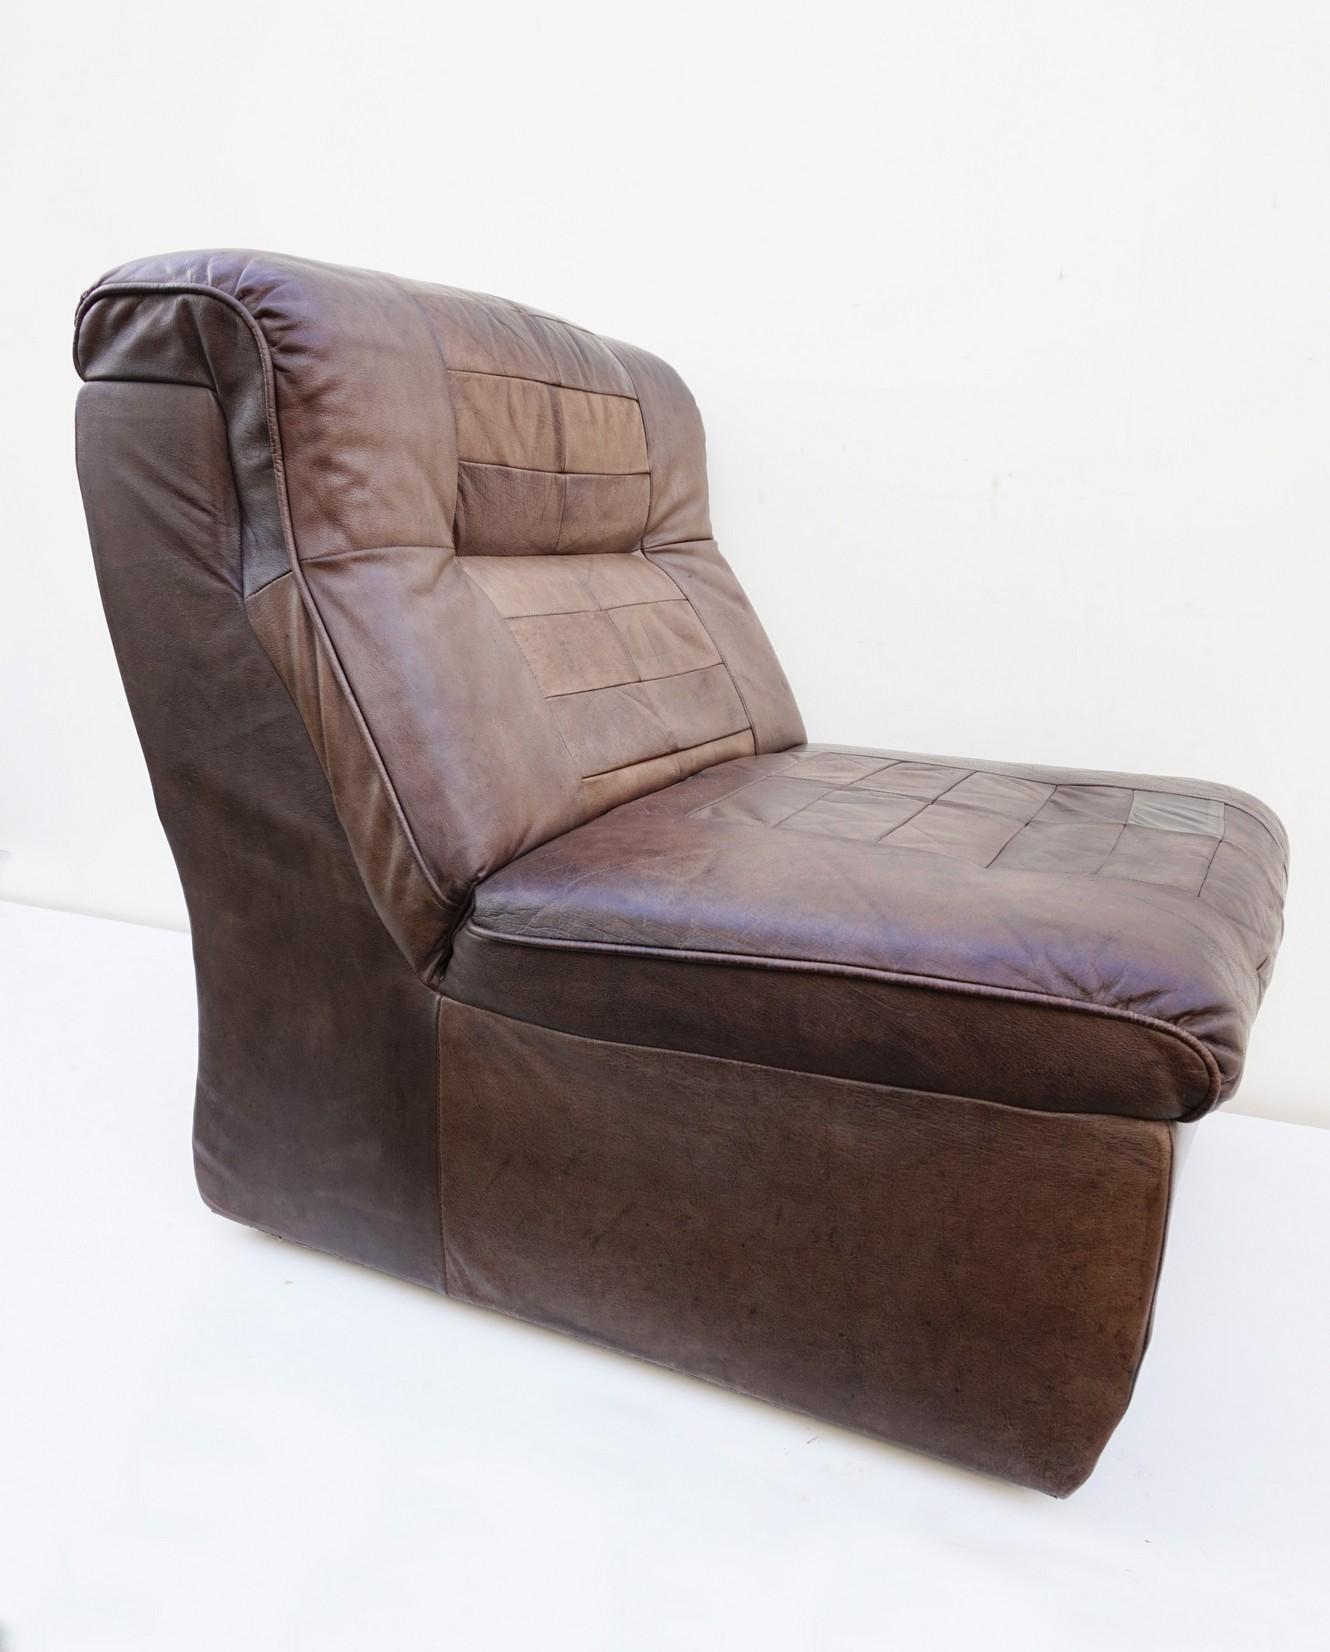 Leren Lounge Fauteuil.Vintage Leren Patchwork Lounge Fauteuil